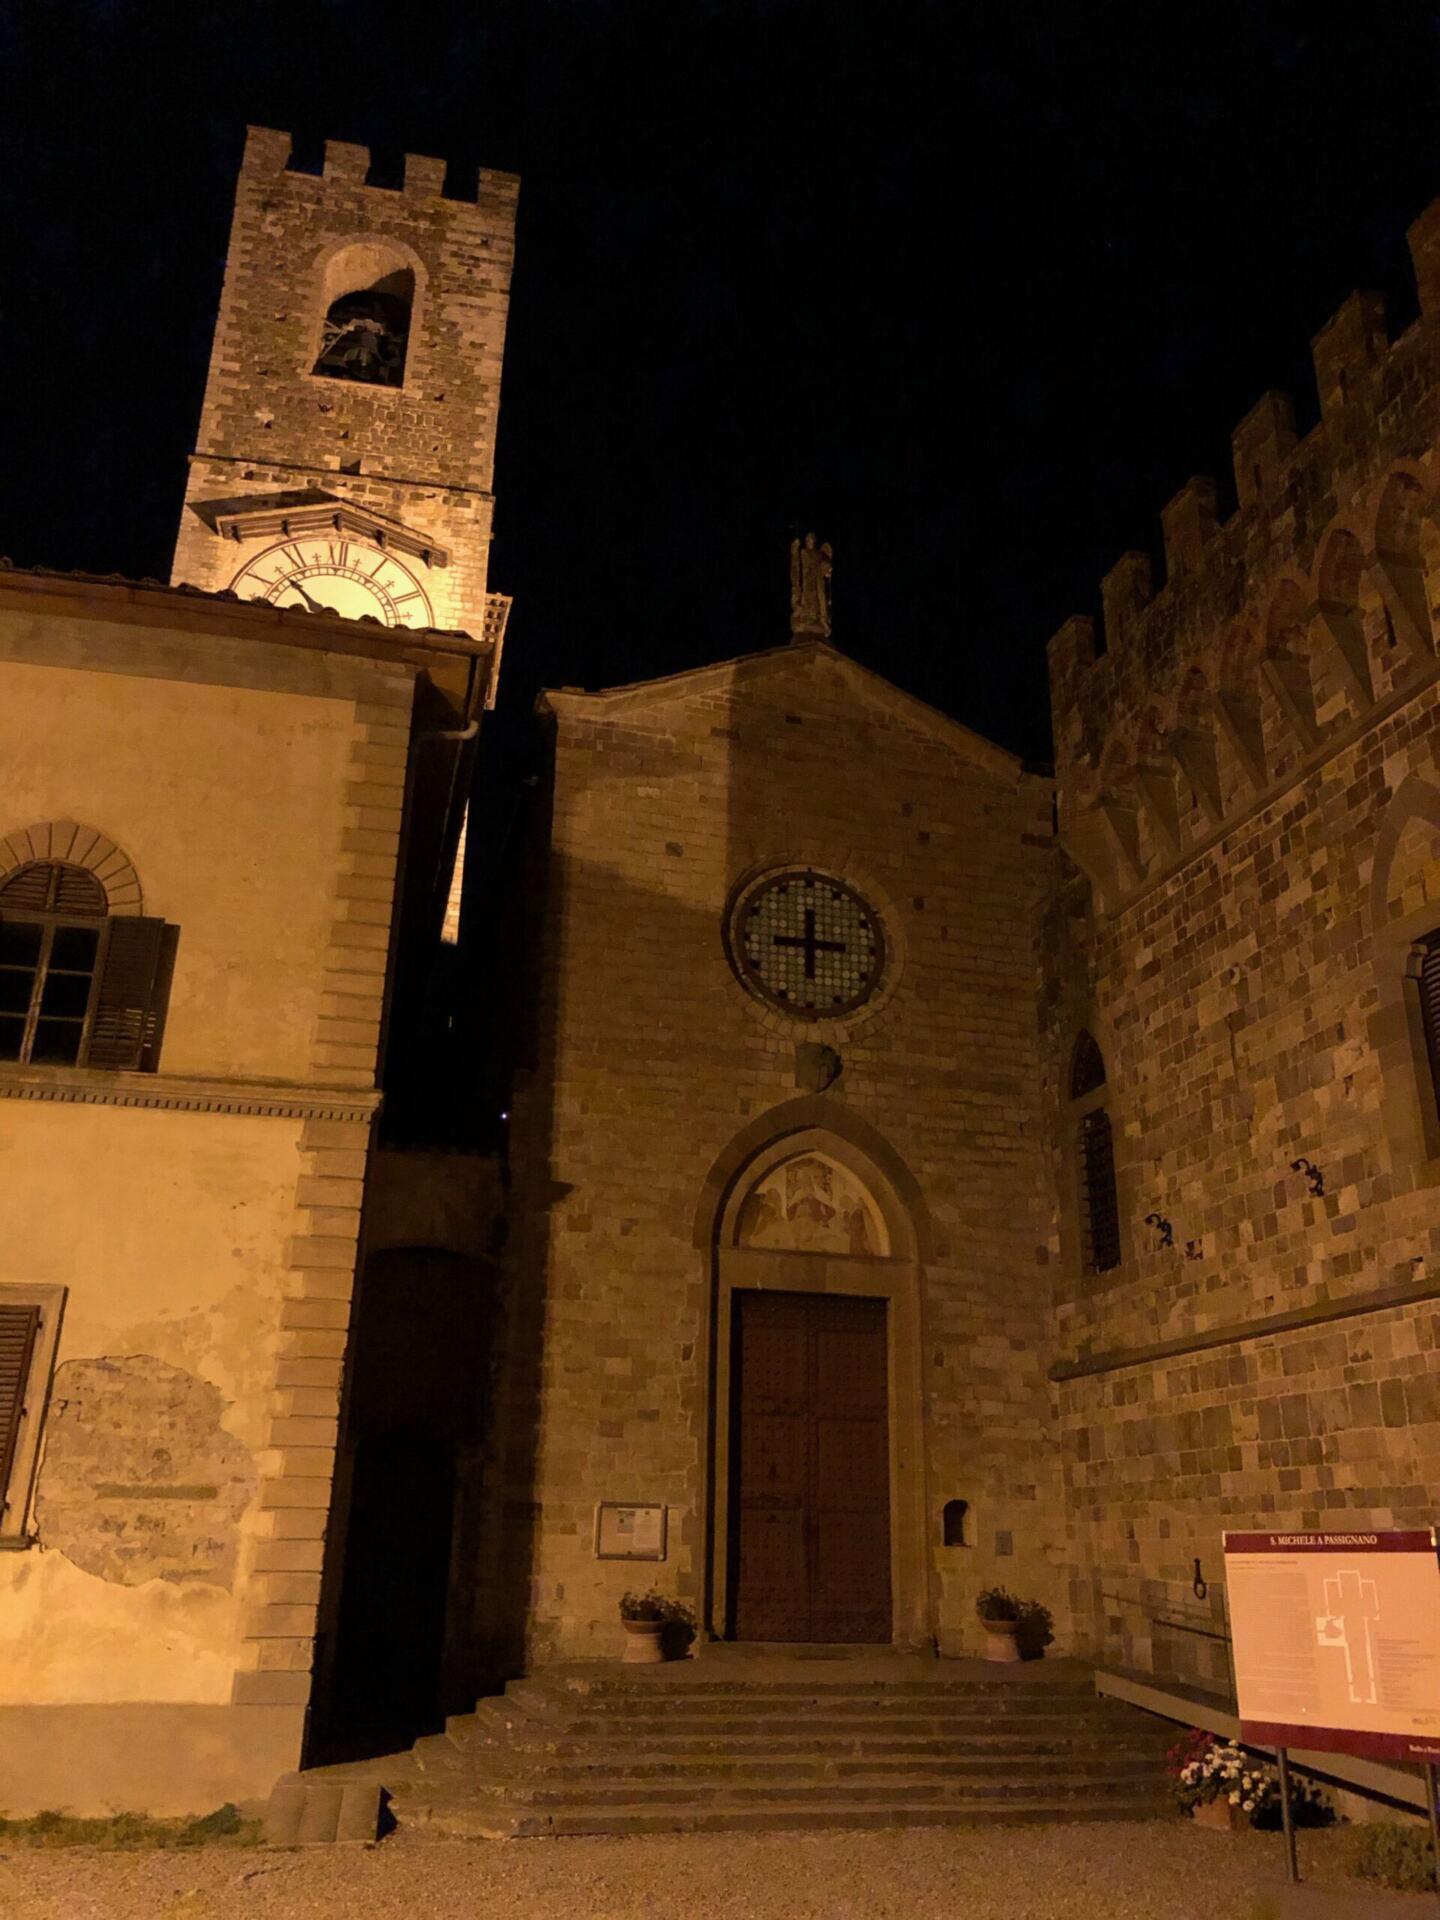 Antinori Abbey